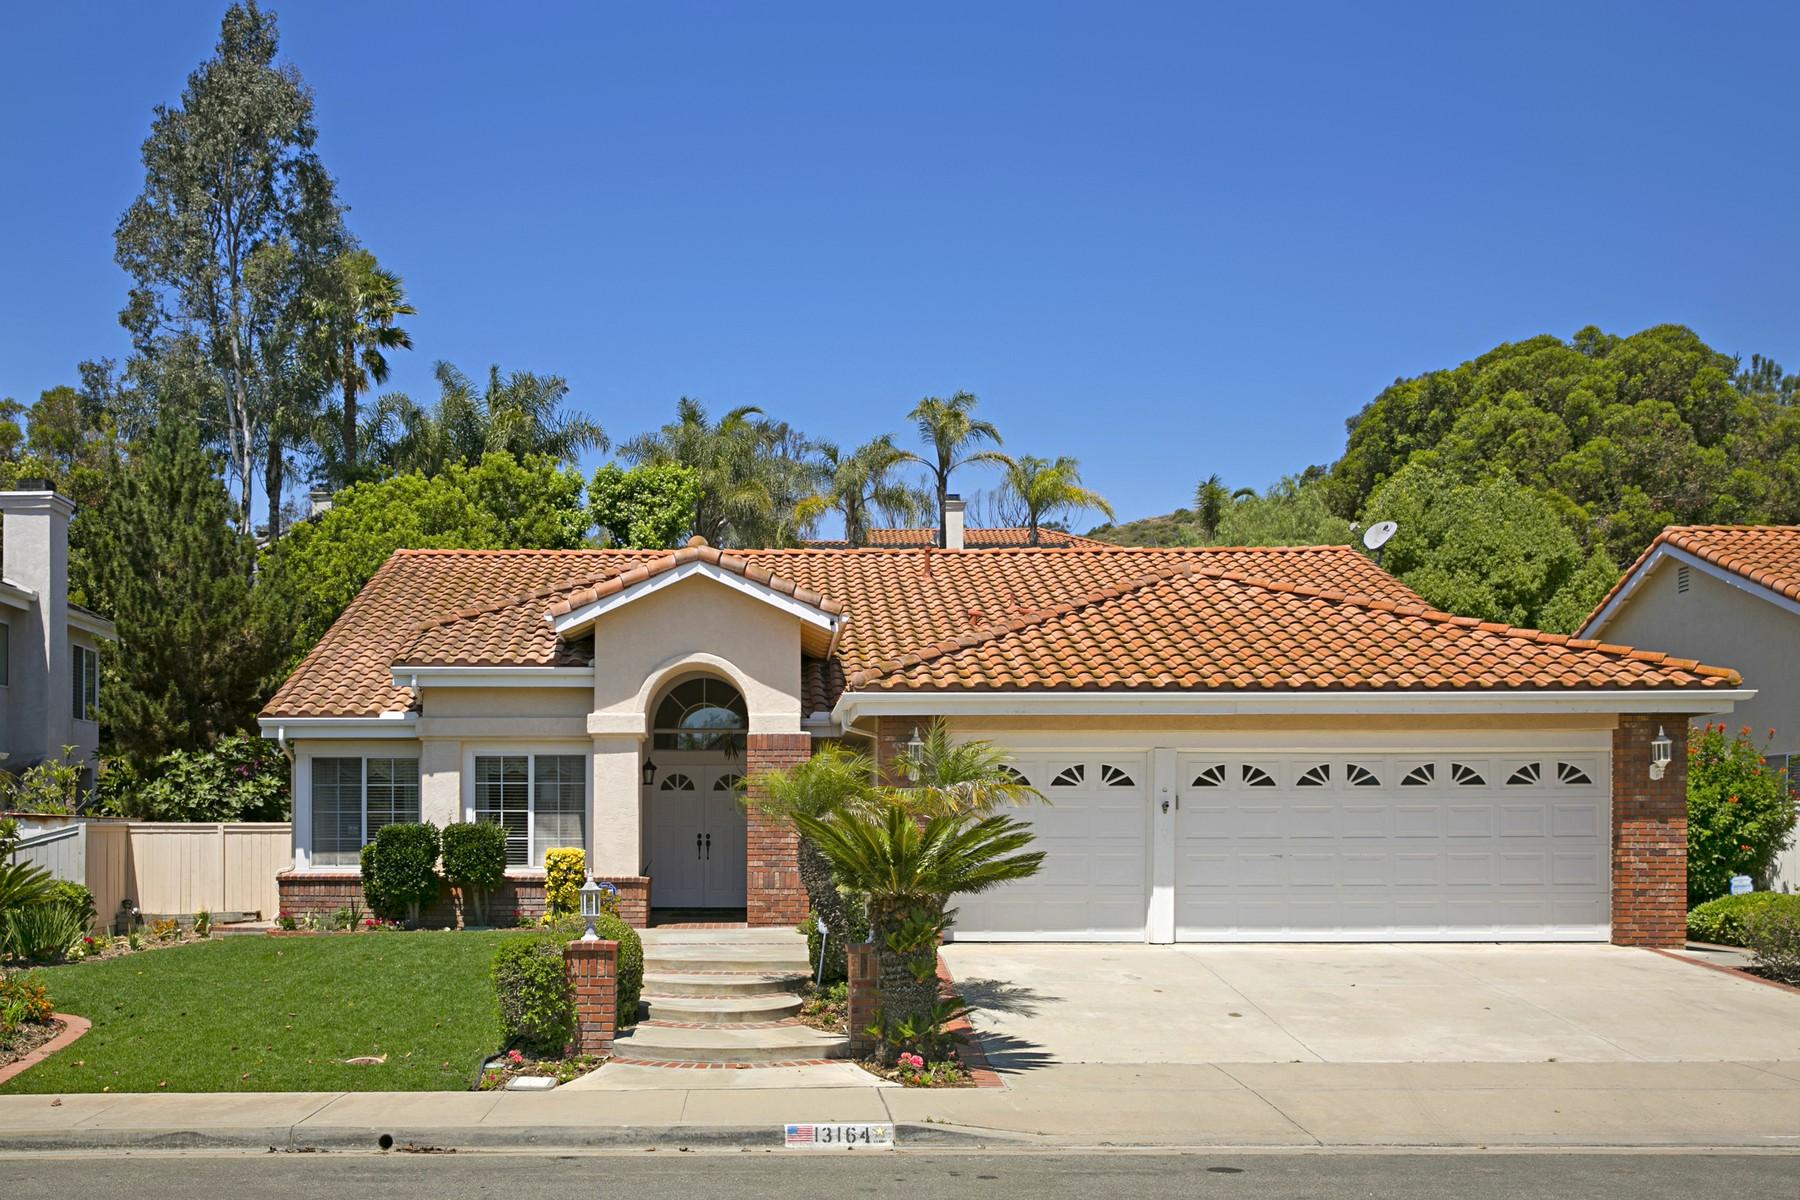 Maison unifamiliale pour l Vente à 13164 Valewood Rd. Poway, Californie, 92064 États-Unis